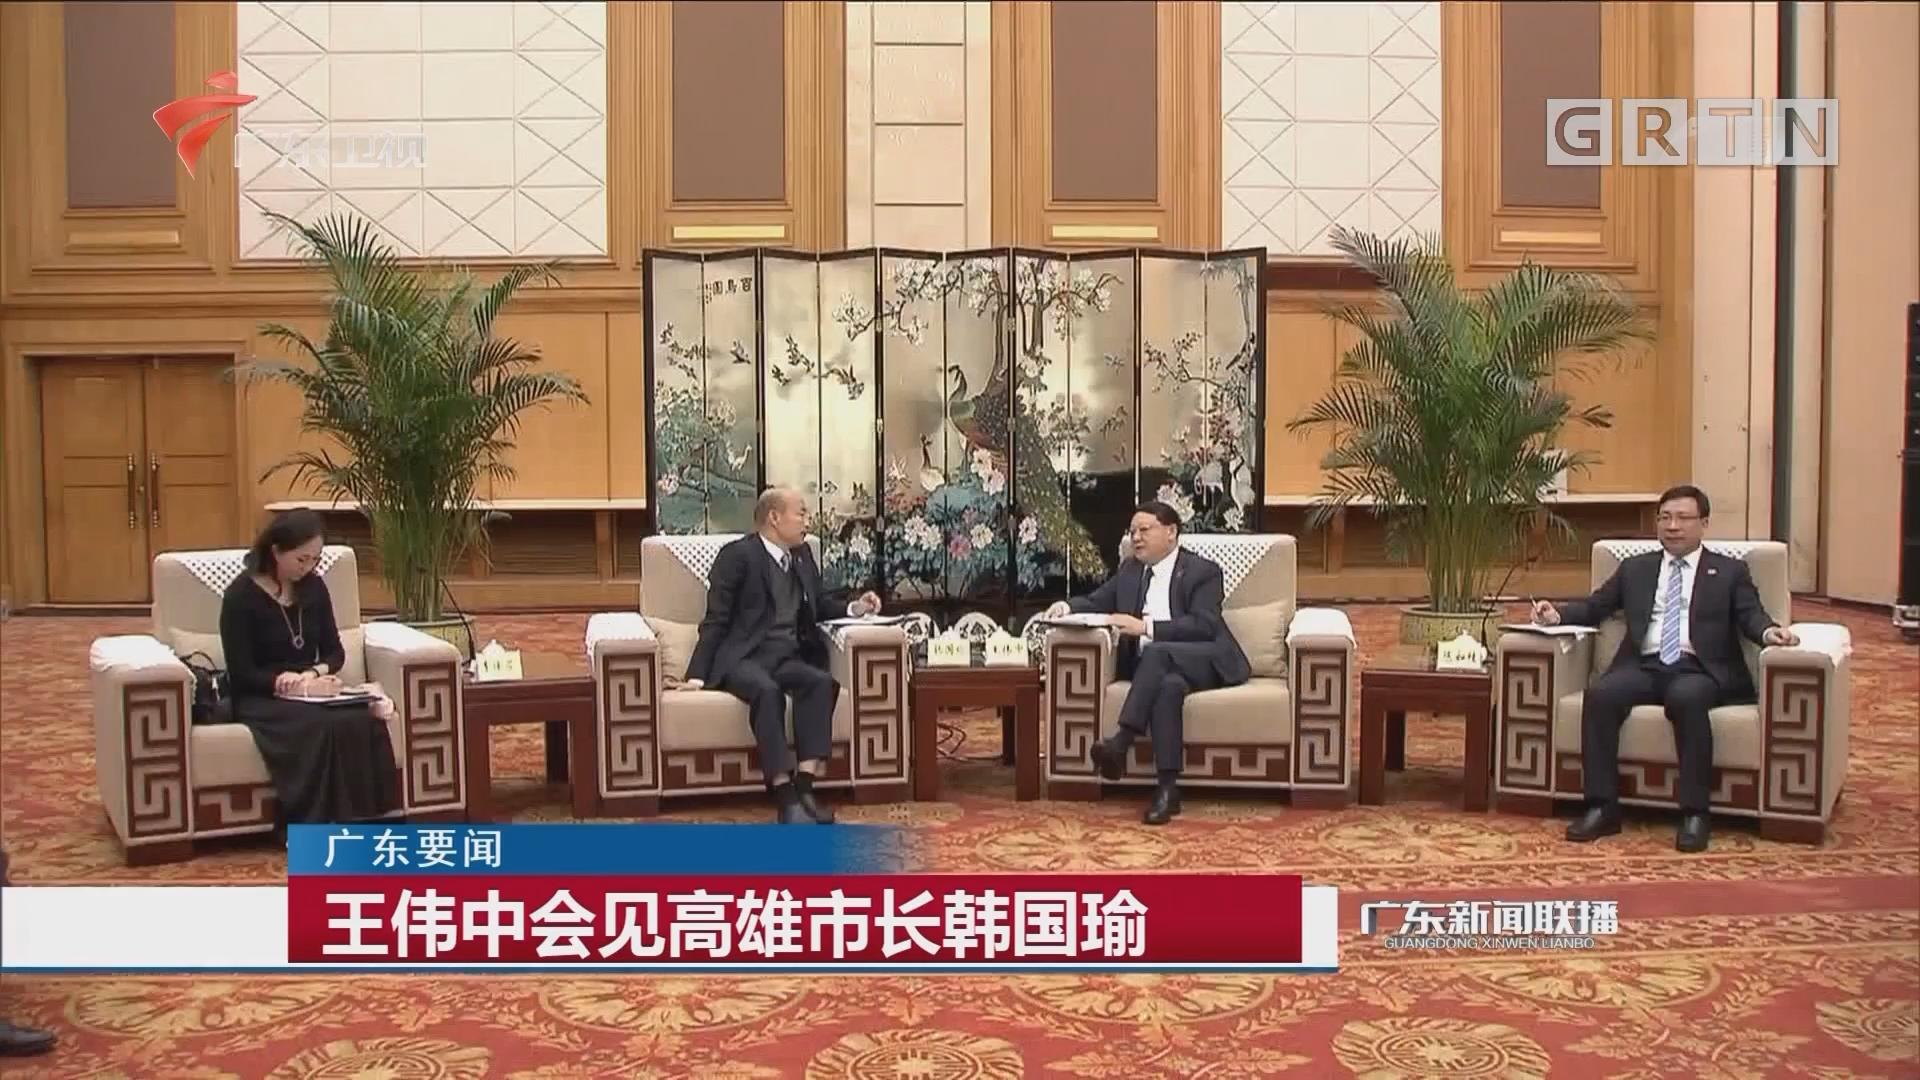 王伟中会见高雄市长韩国瑜